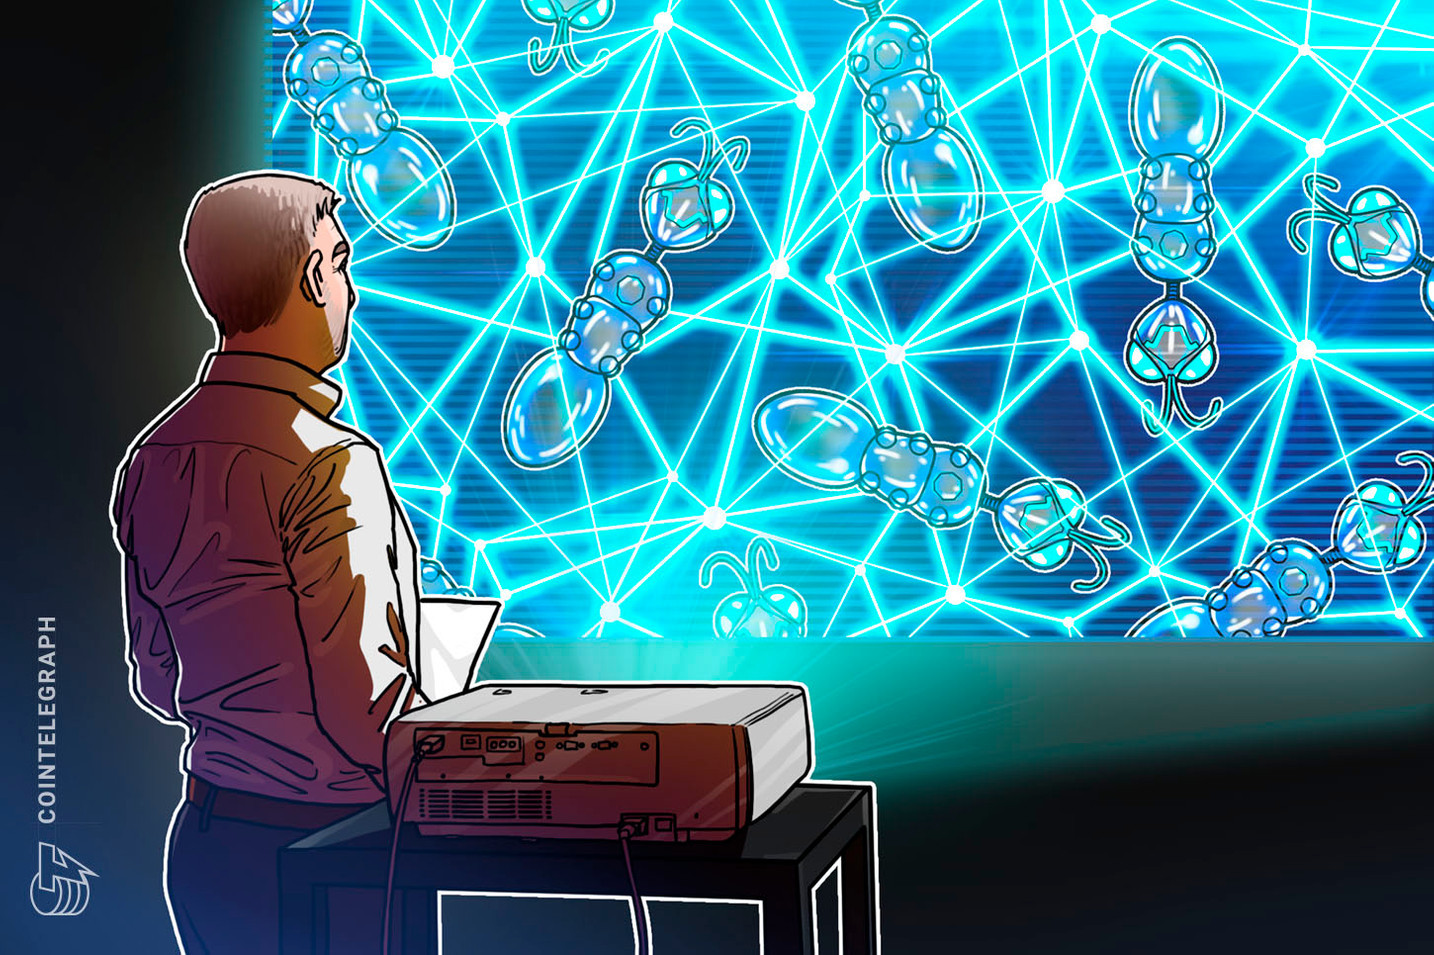 Iniciativas que incluyen blockchain son elegidas en España buscando el impulso de economía circular